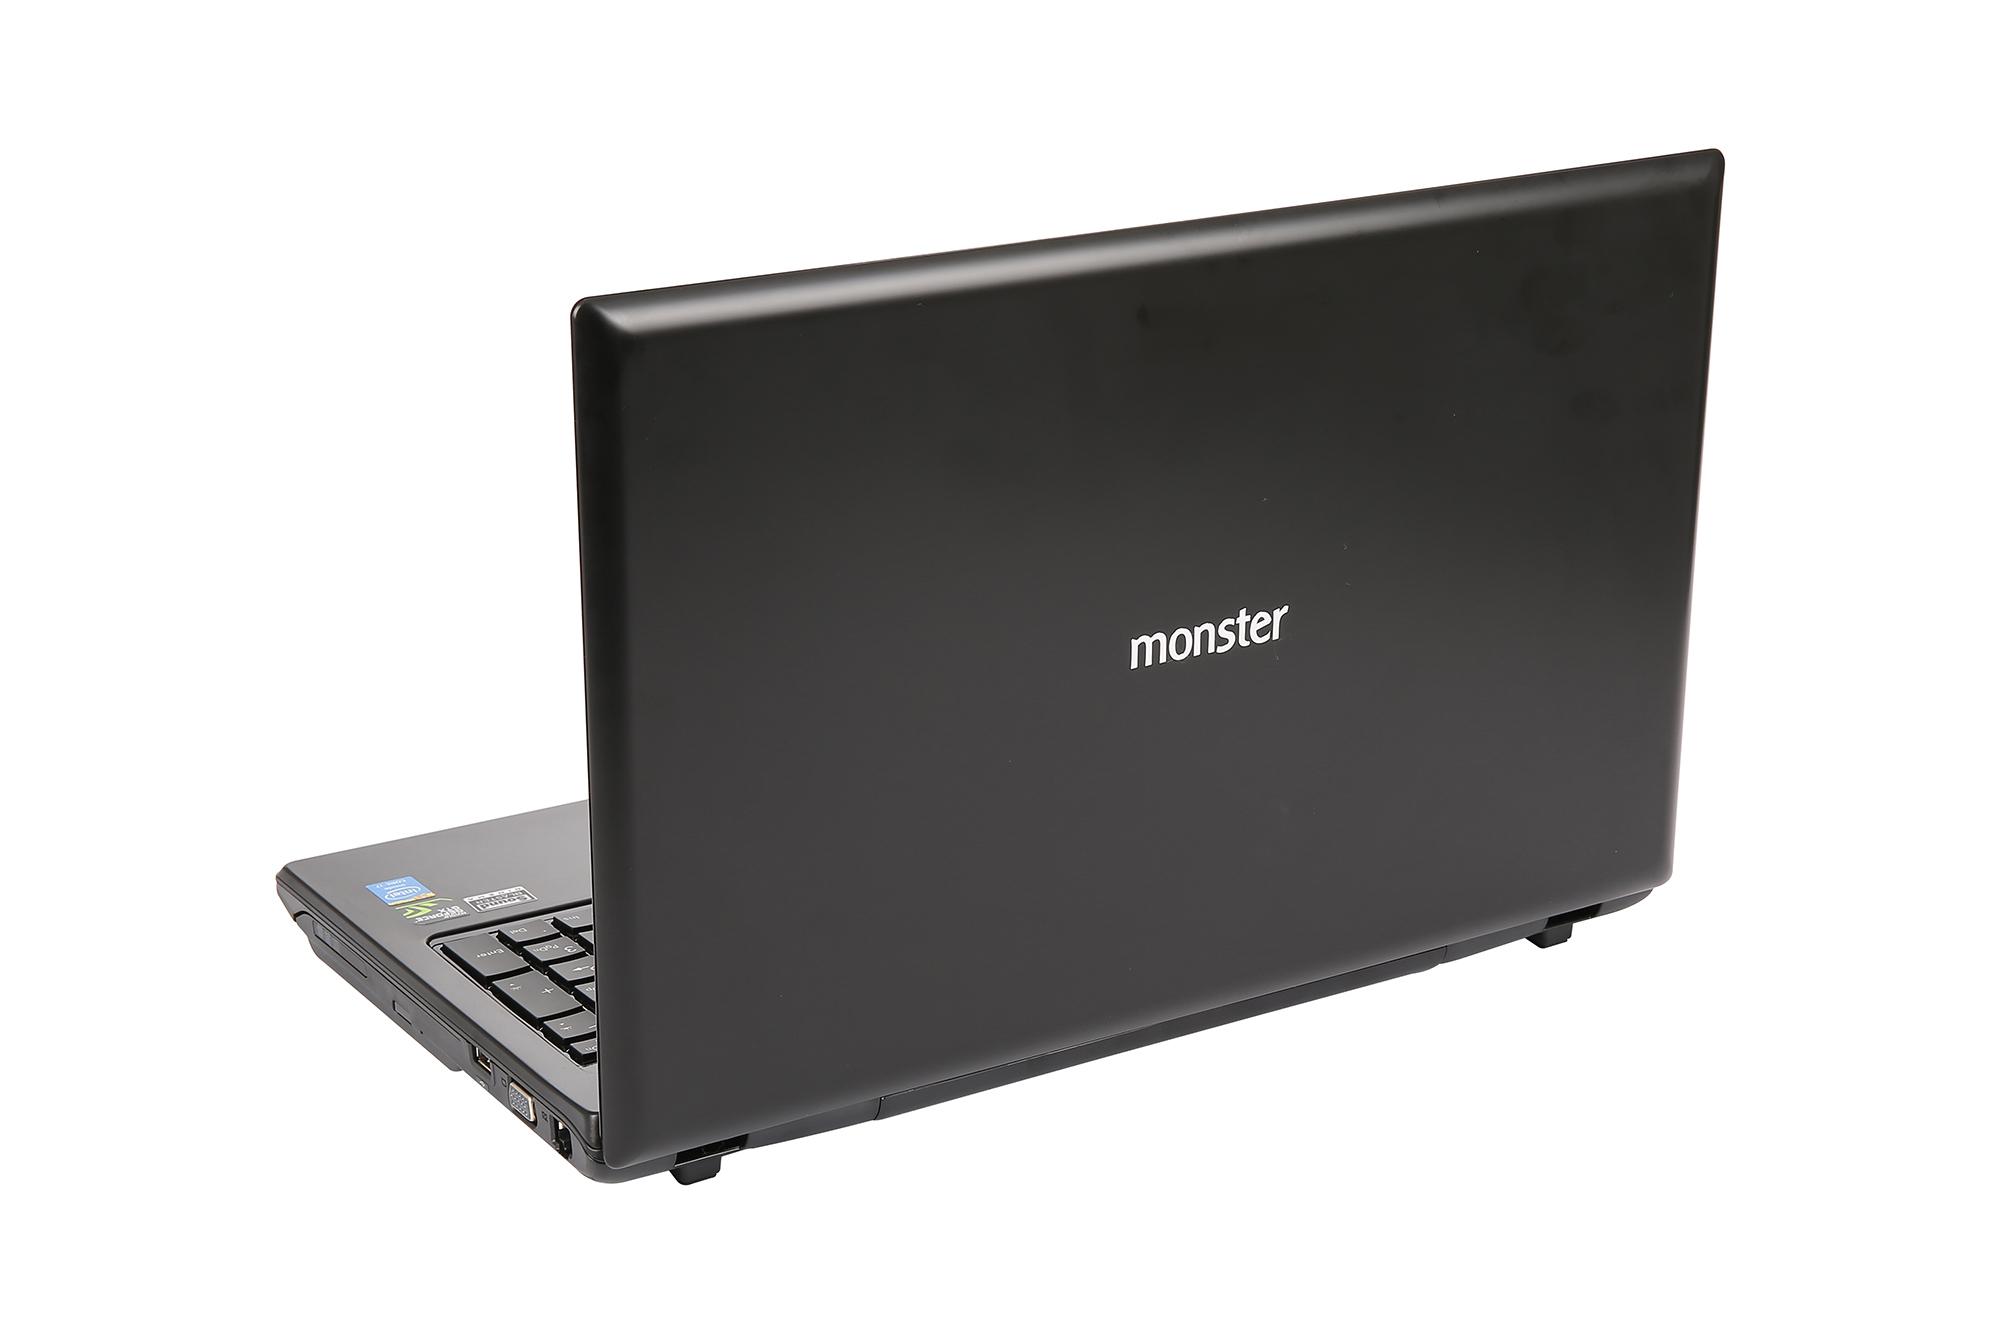 MONSTER® ABRA A5 V2.1.1 15.6